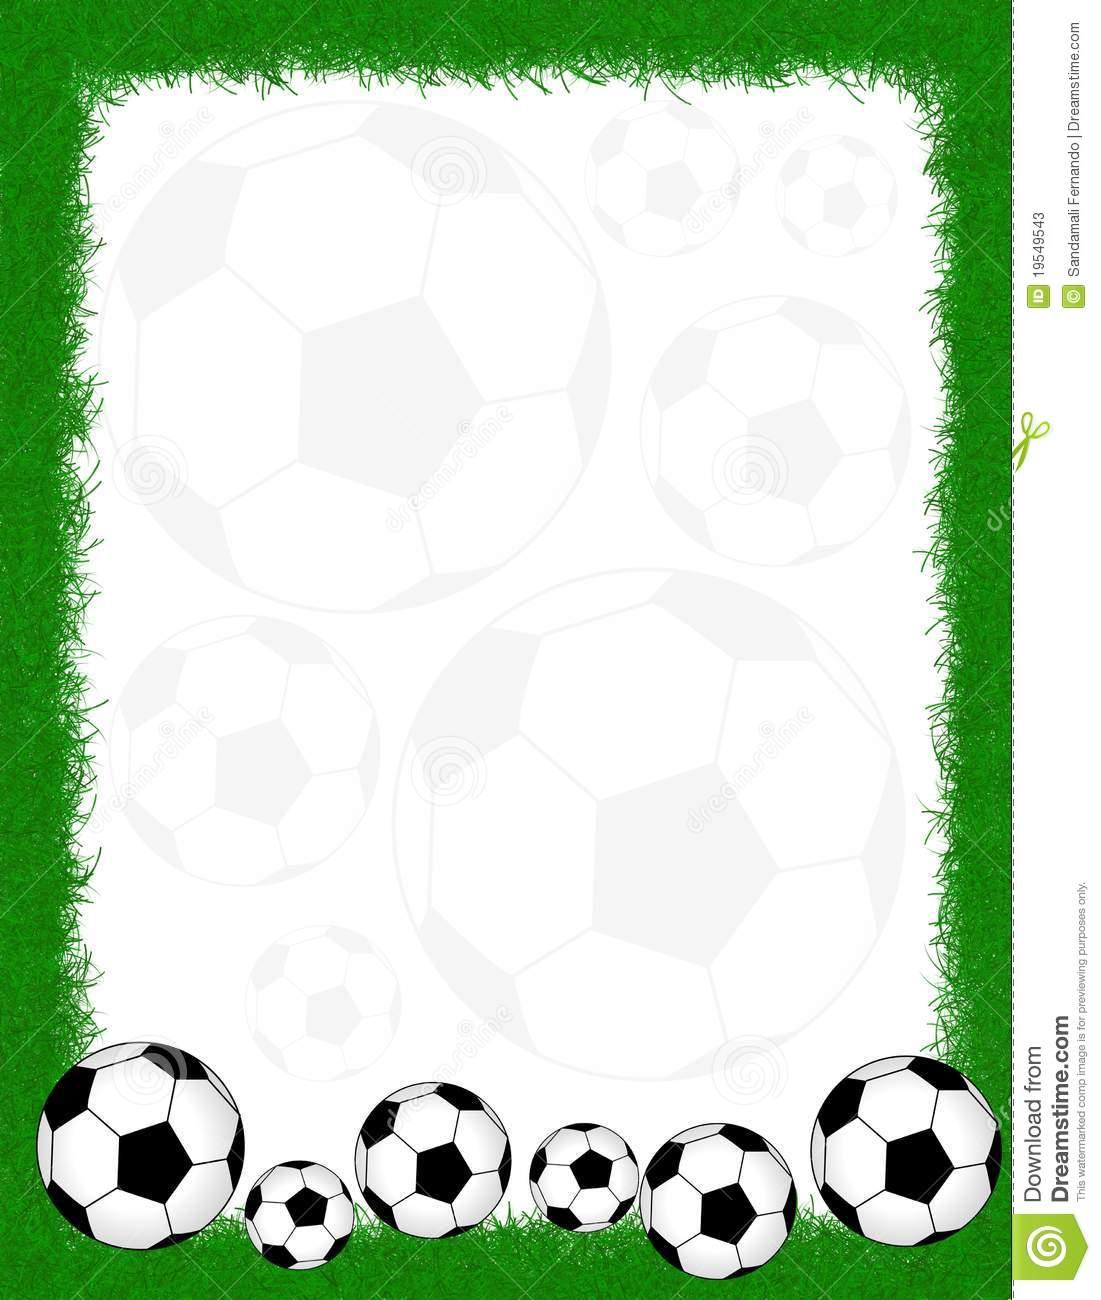 Soccer frame / border.